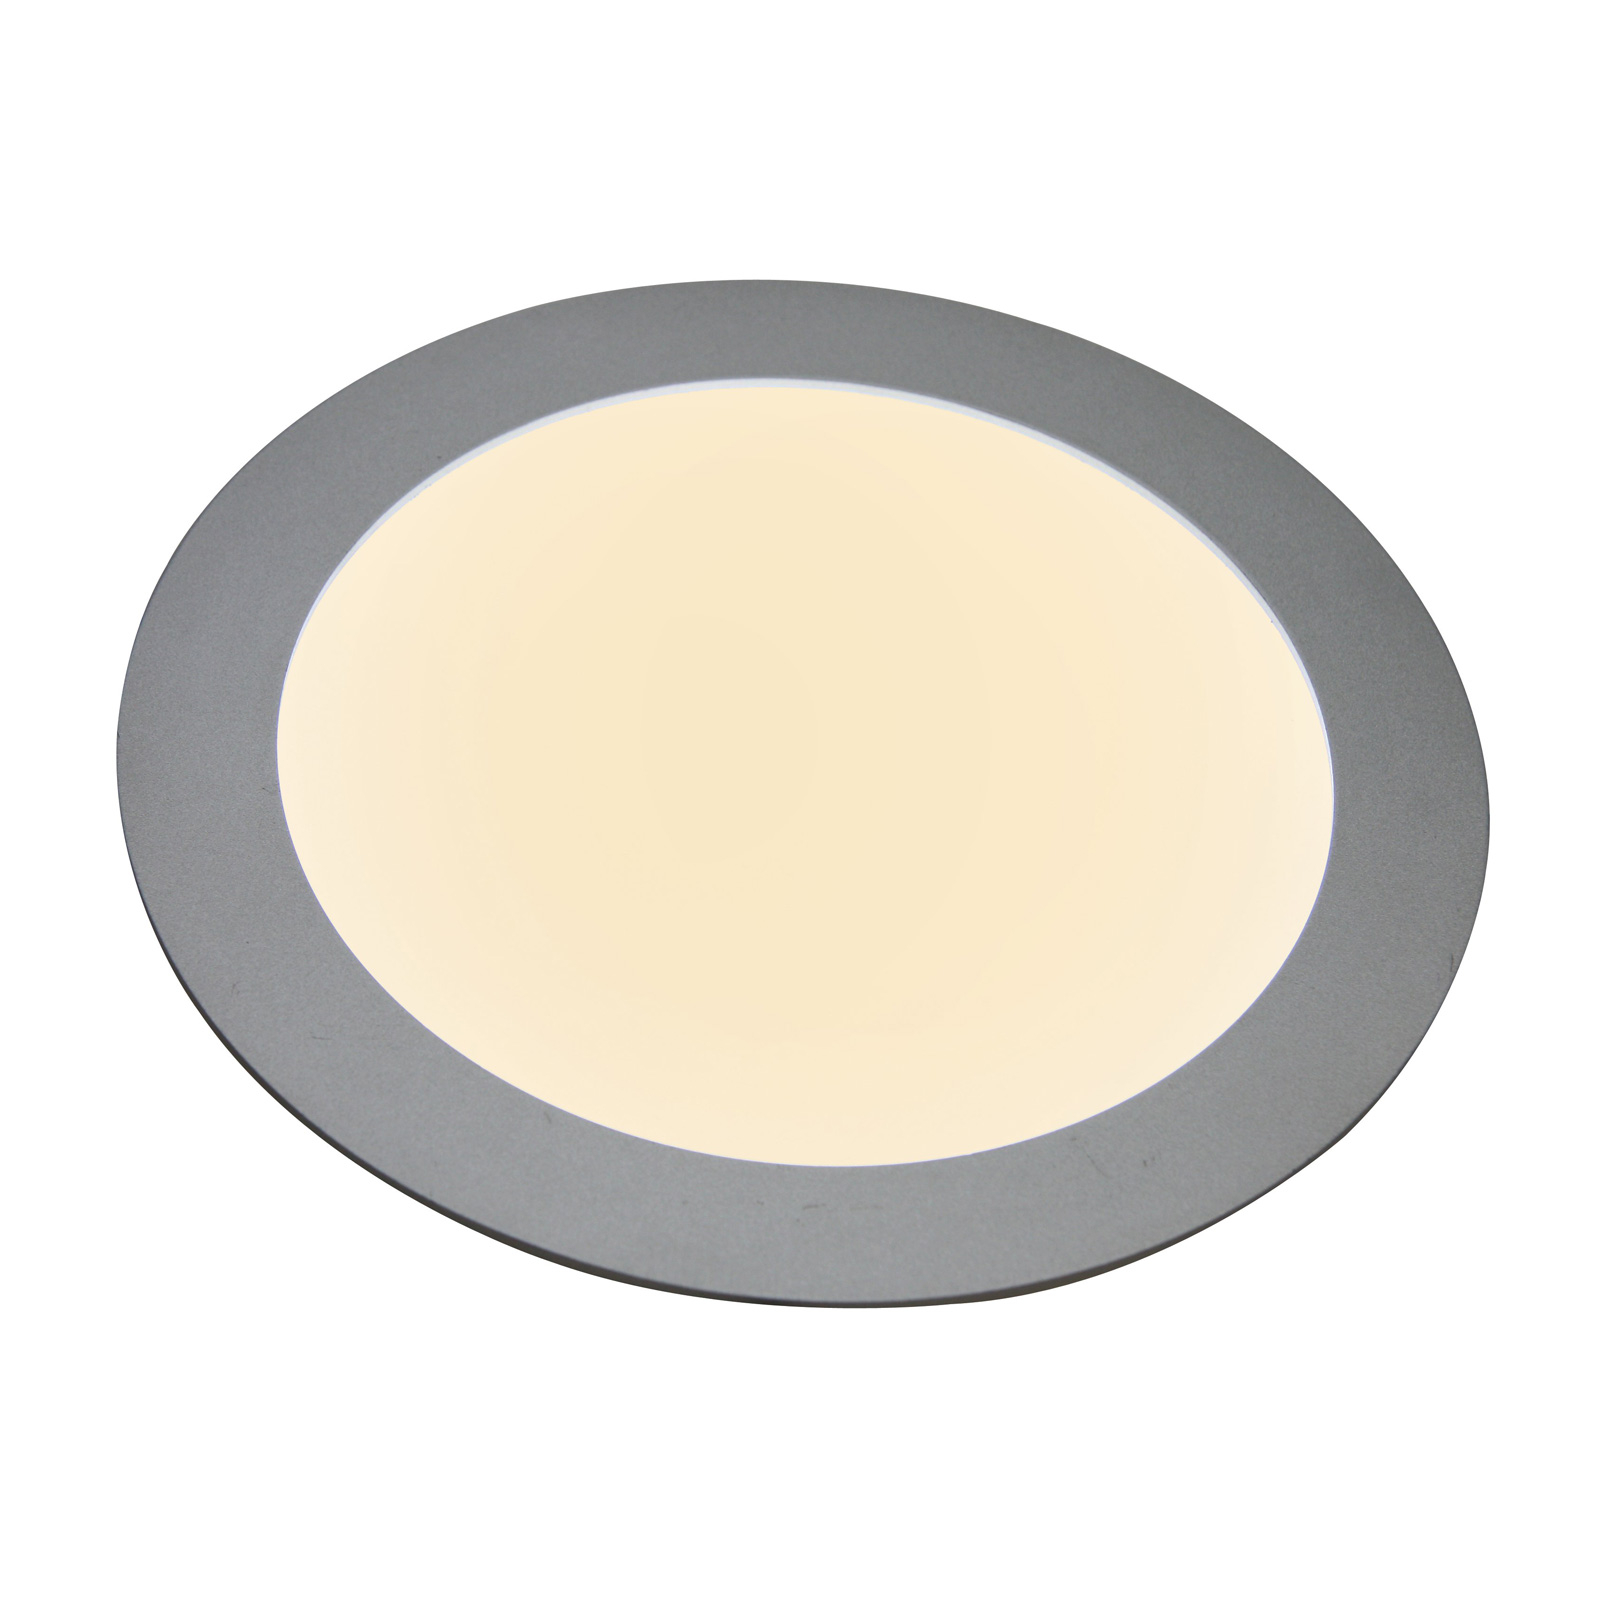 LED-Einbau-Panel 27636, flach, rund, 12 W